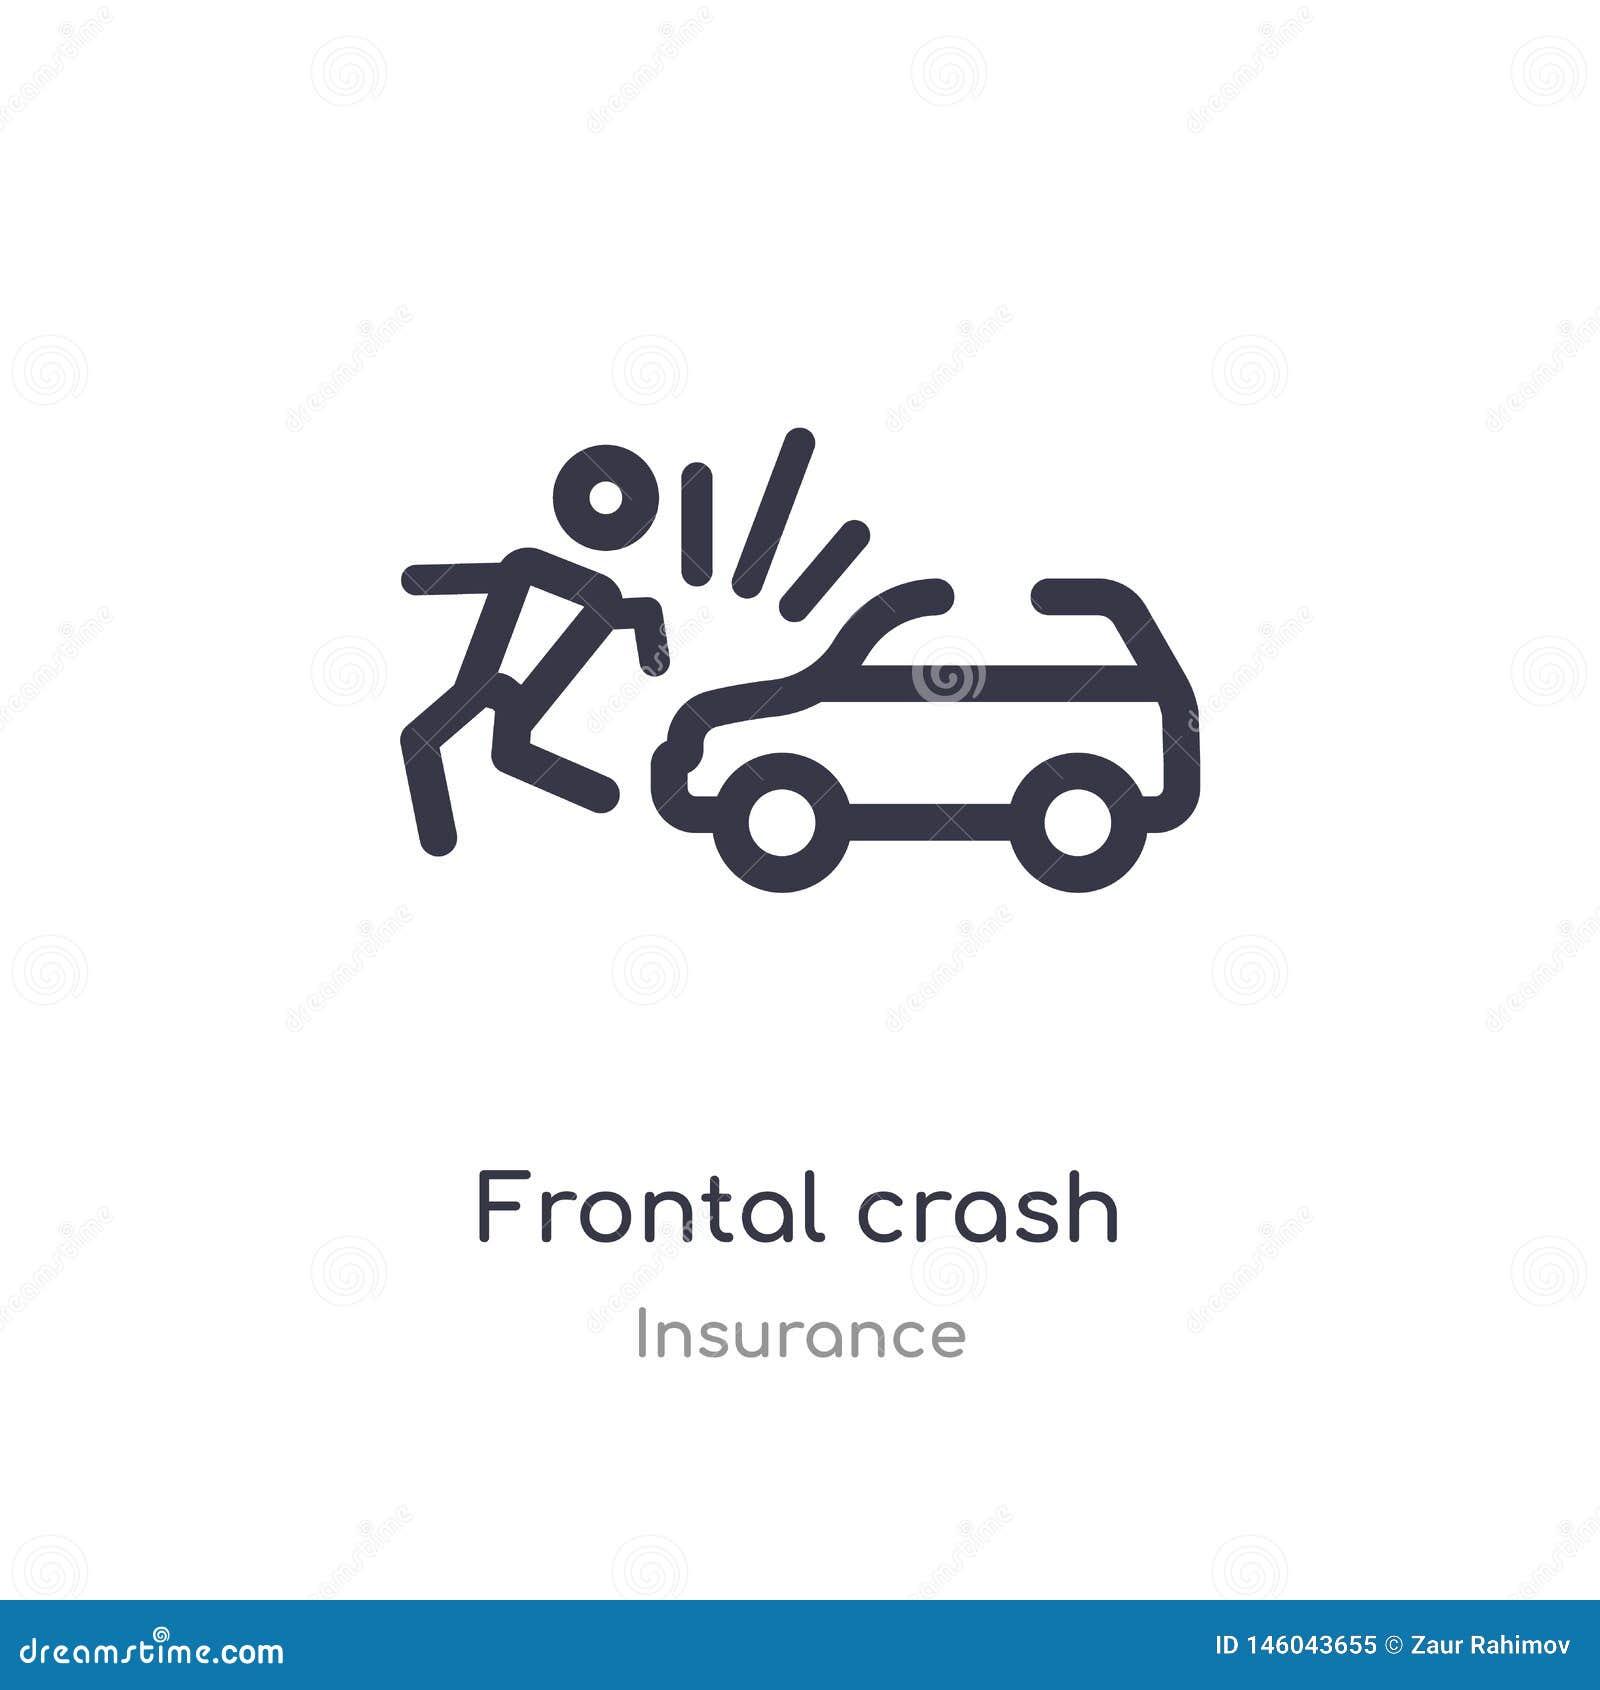 Frontal kraschöversiktssymbol isolerad linje vektorillustration fr?n f?rs?kringsamling frontal kraschsymbol för redigerbar tunn s